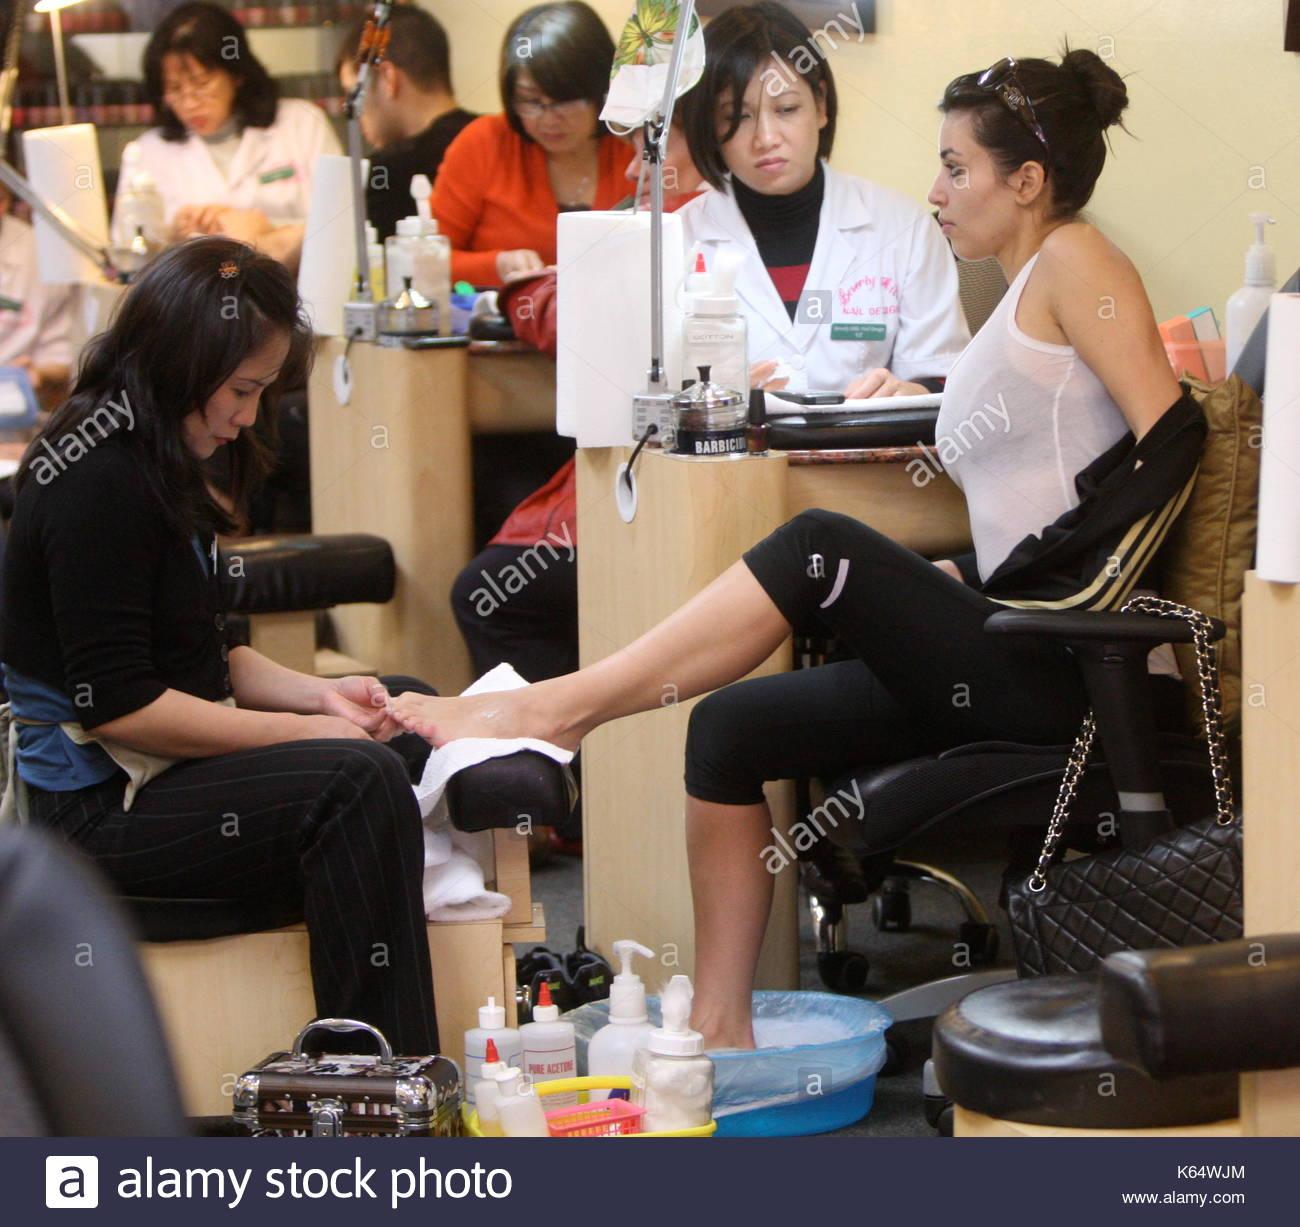 Kim Kardashian. Kim Kardashian was spotted at the Nail Salon in ...